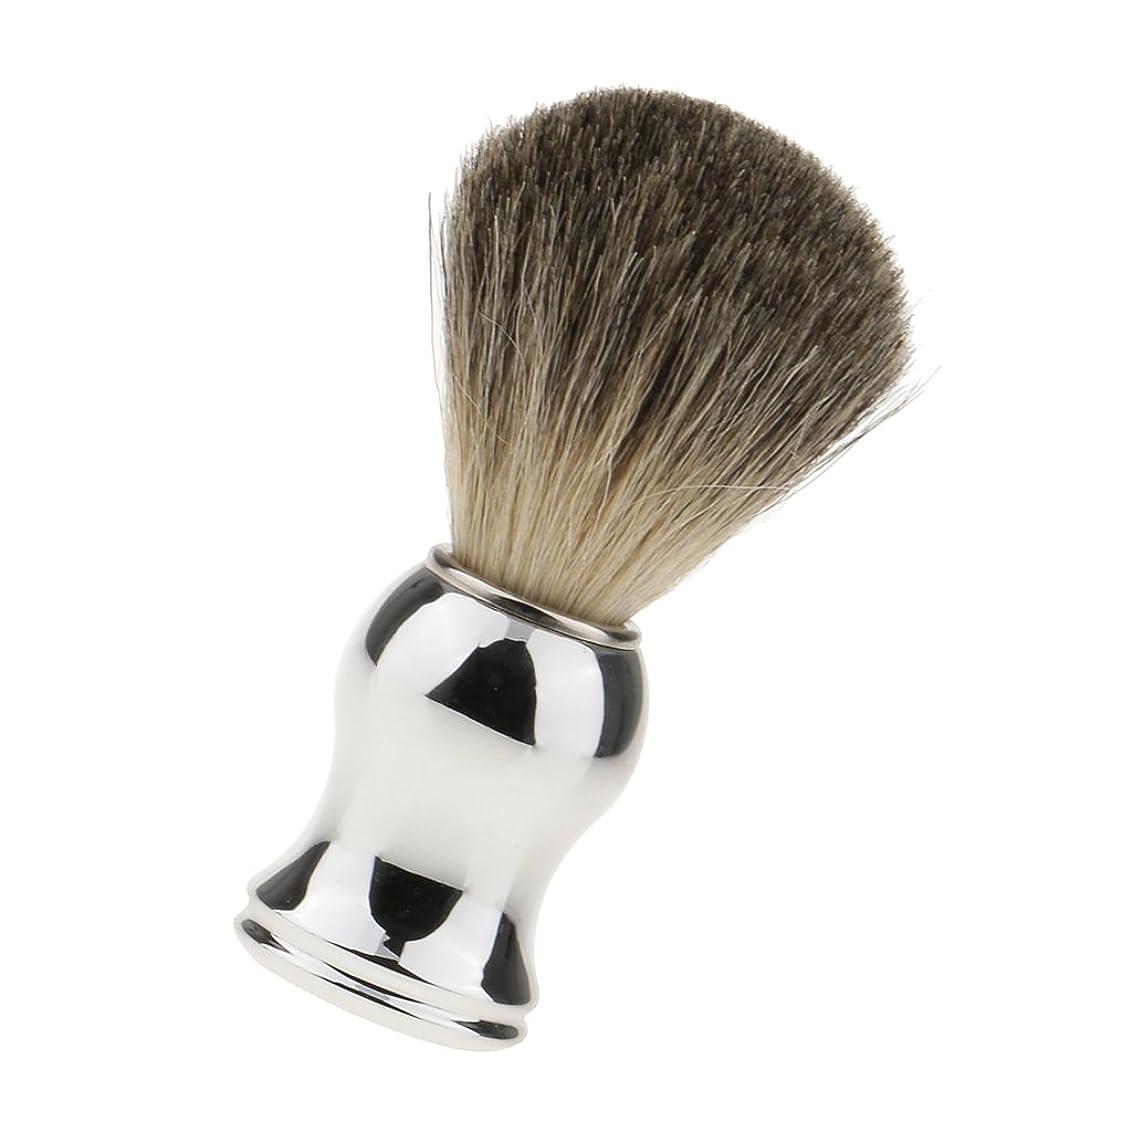 アニメーション分析的ドロップchiwanji シェービング用ブラシ 人工毛 メンズ 理容 洗顔 髭剃り 泡立ち 11.2cm 全2色 - シルバーハンドル